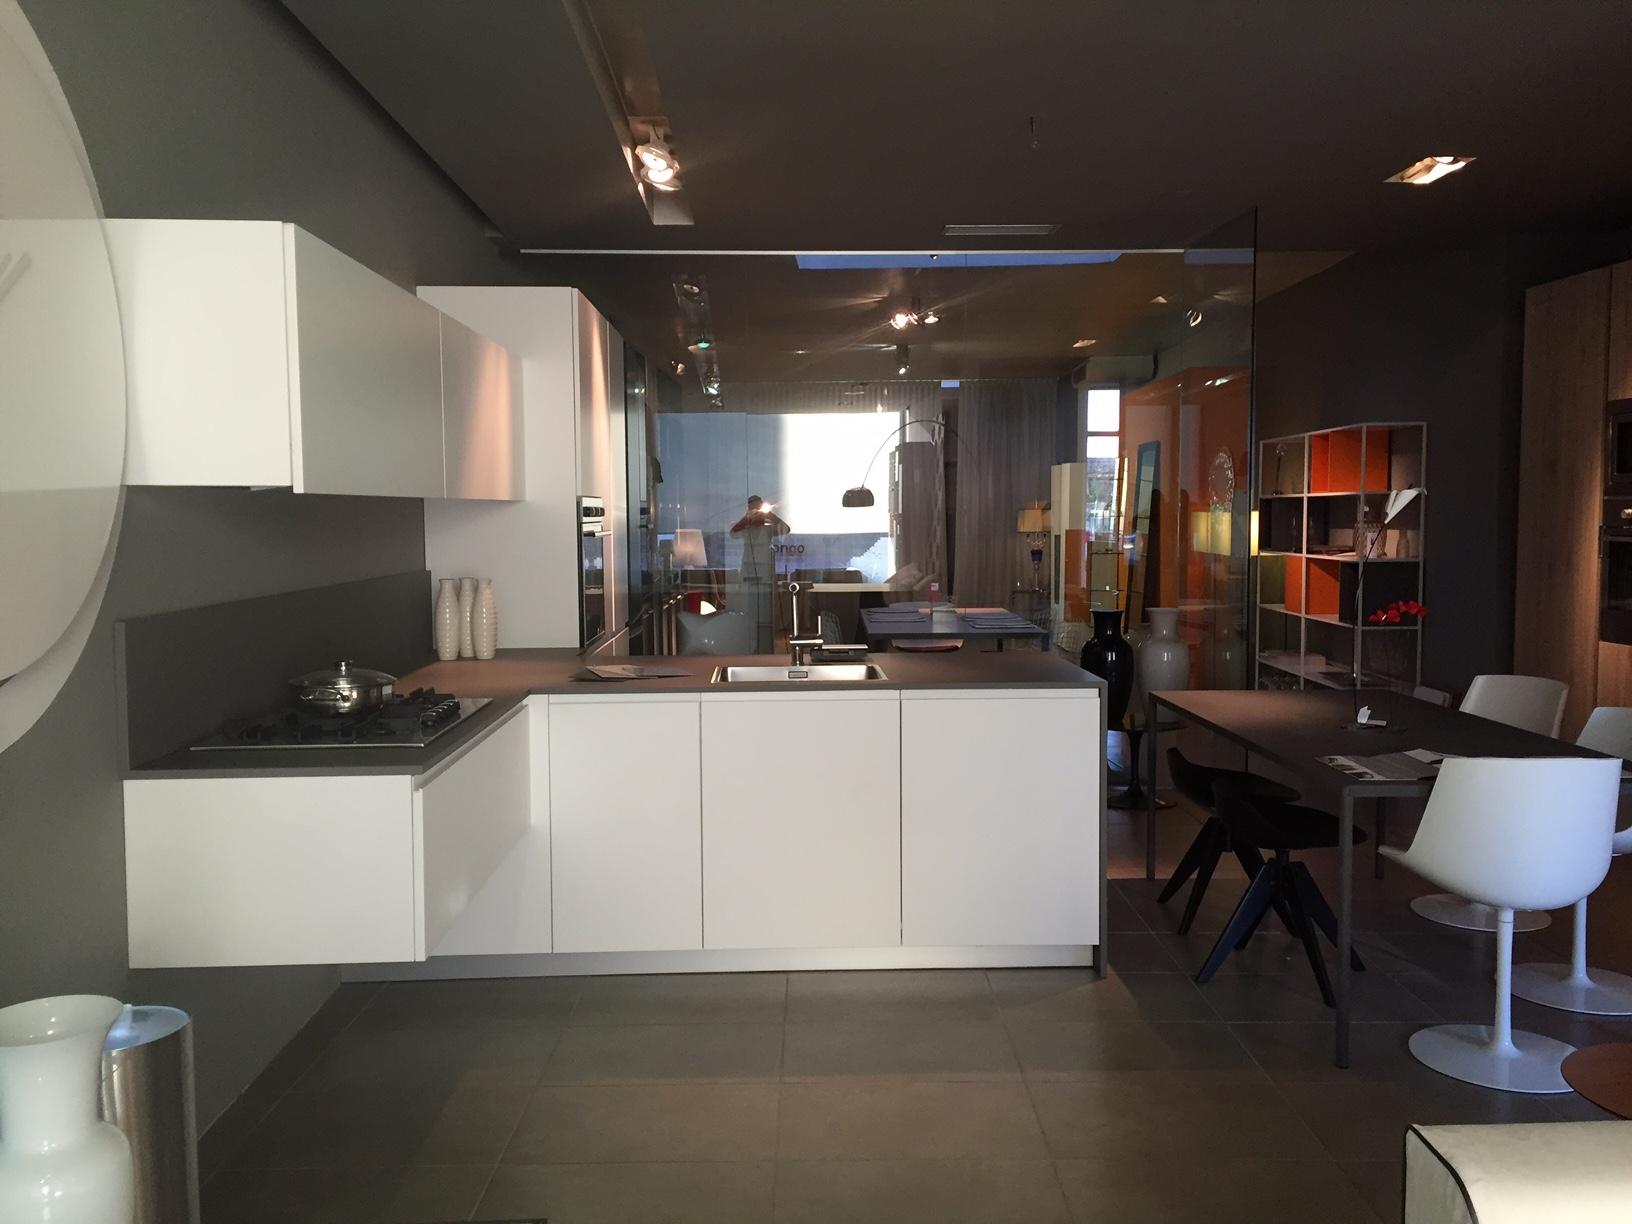 Cucine scontate torino latest artre cucina flo moderna for Cucine in offerta a torino